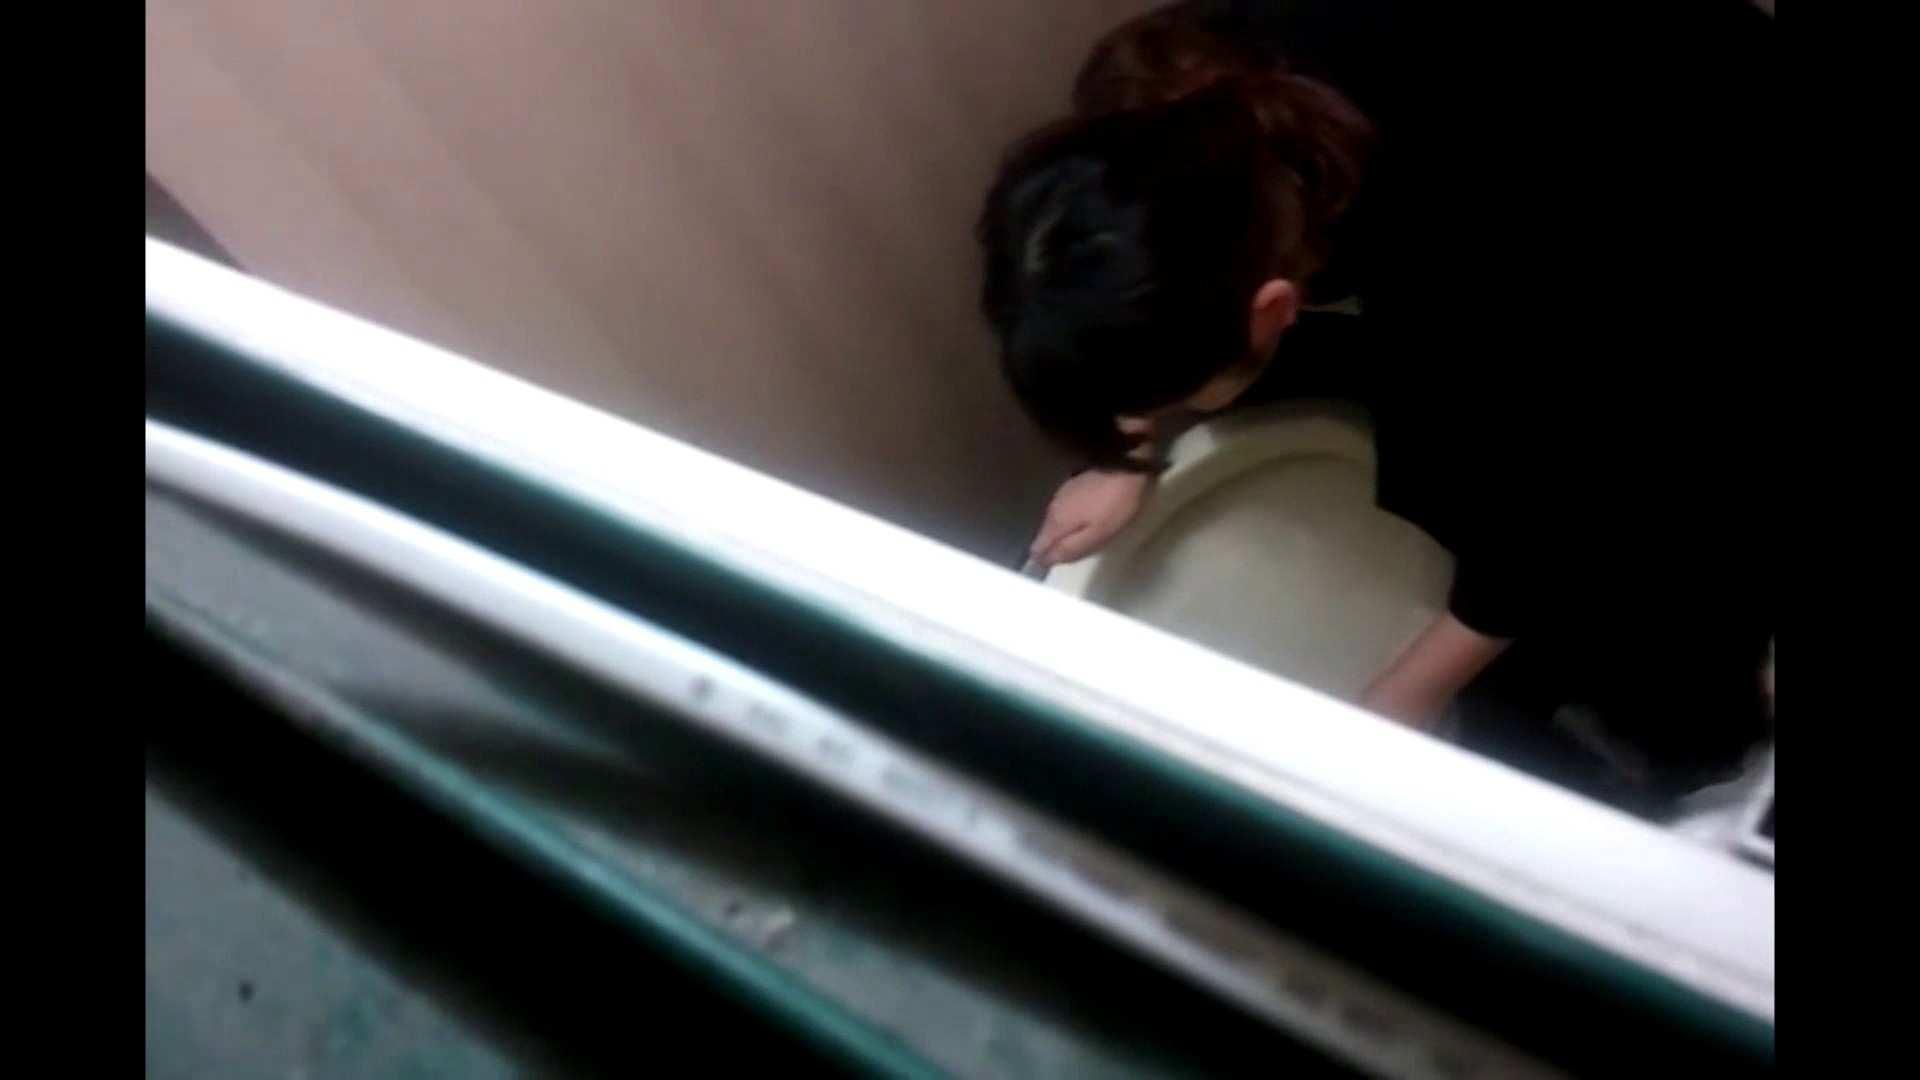 潜入!!韓国秘密のトイレ!Vol.05 すけべなOL オマンコ無修正動画無料 95画像 14